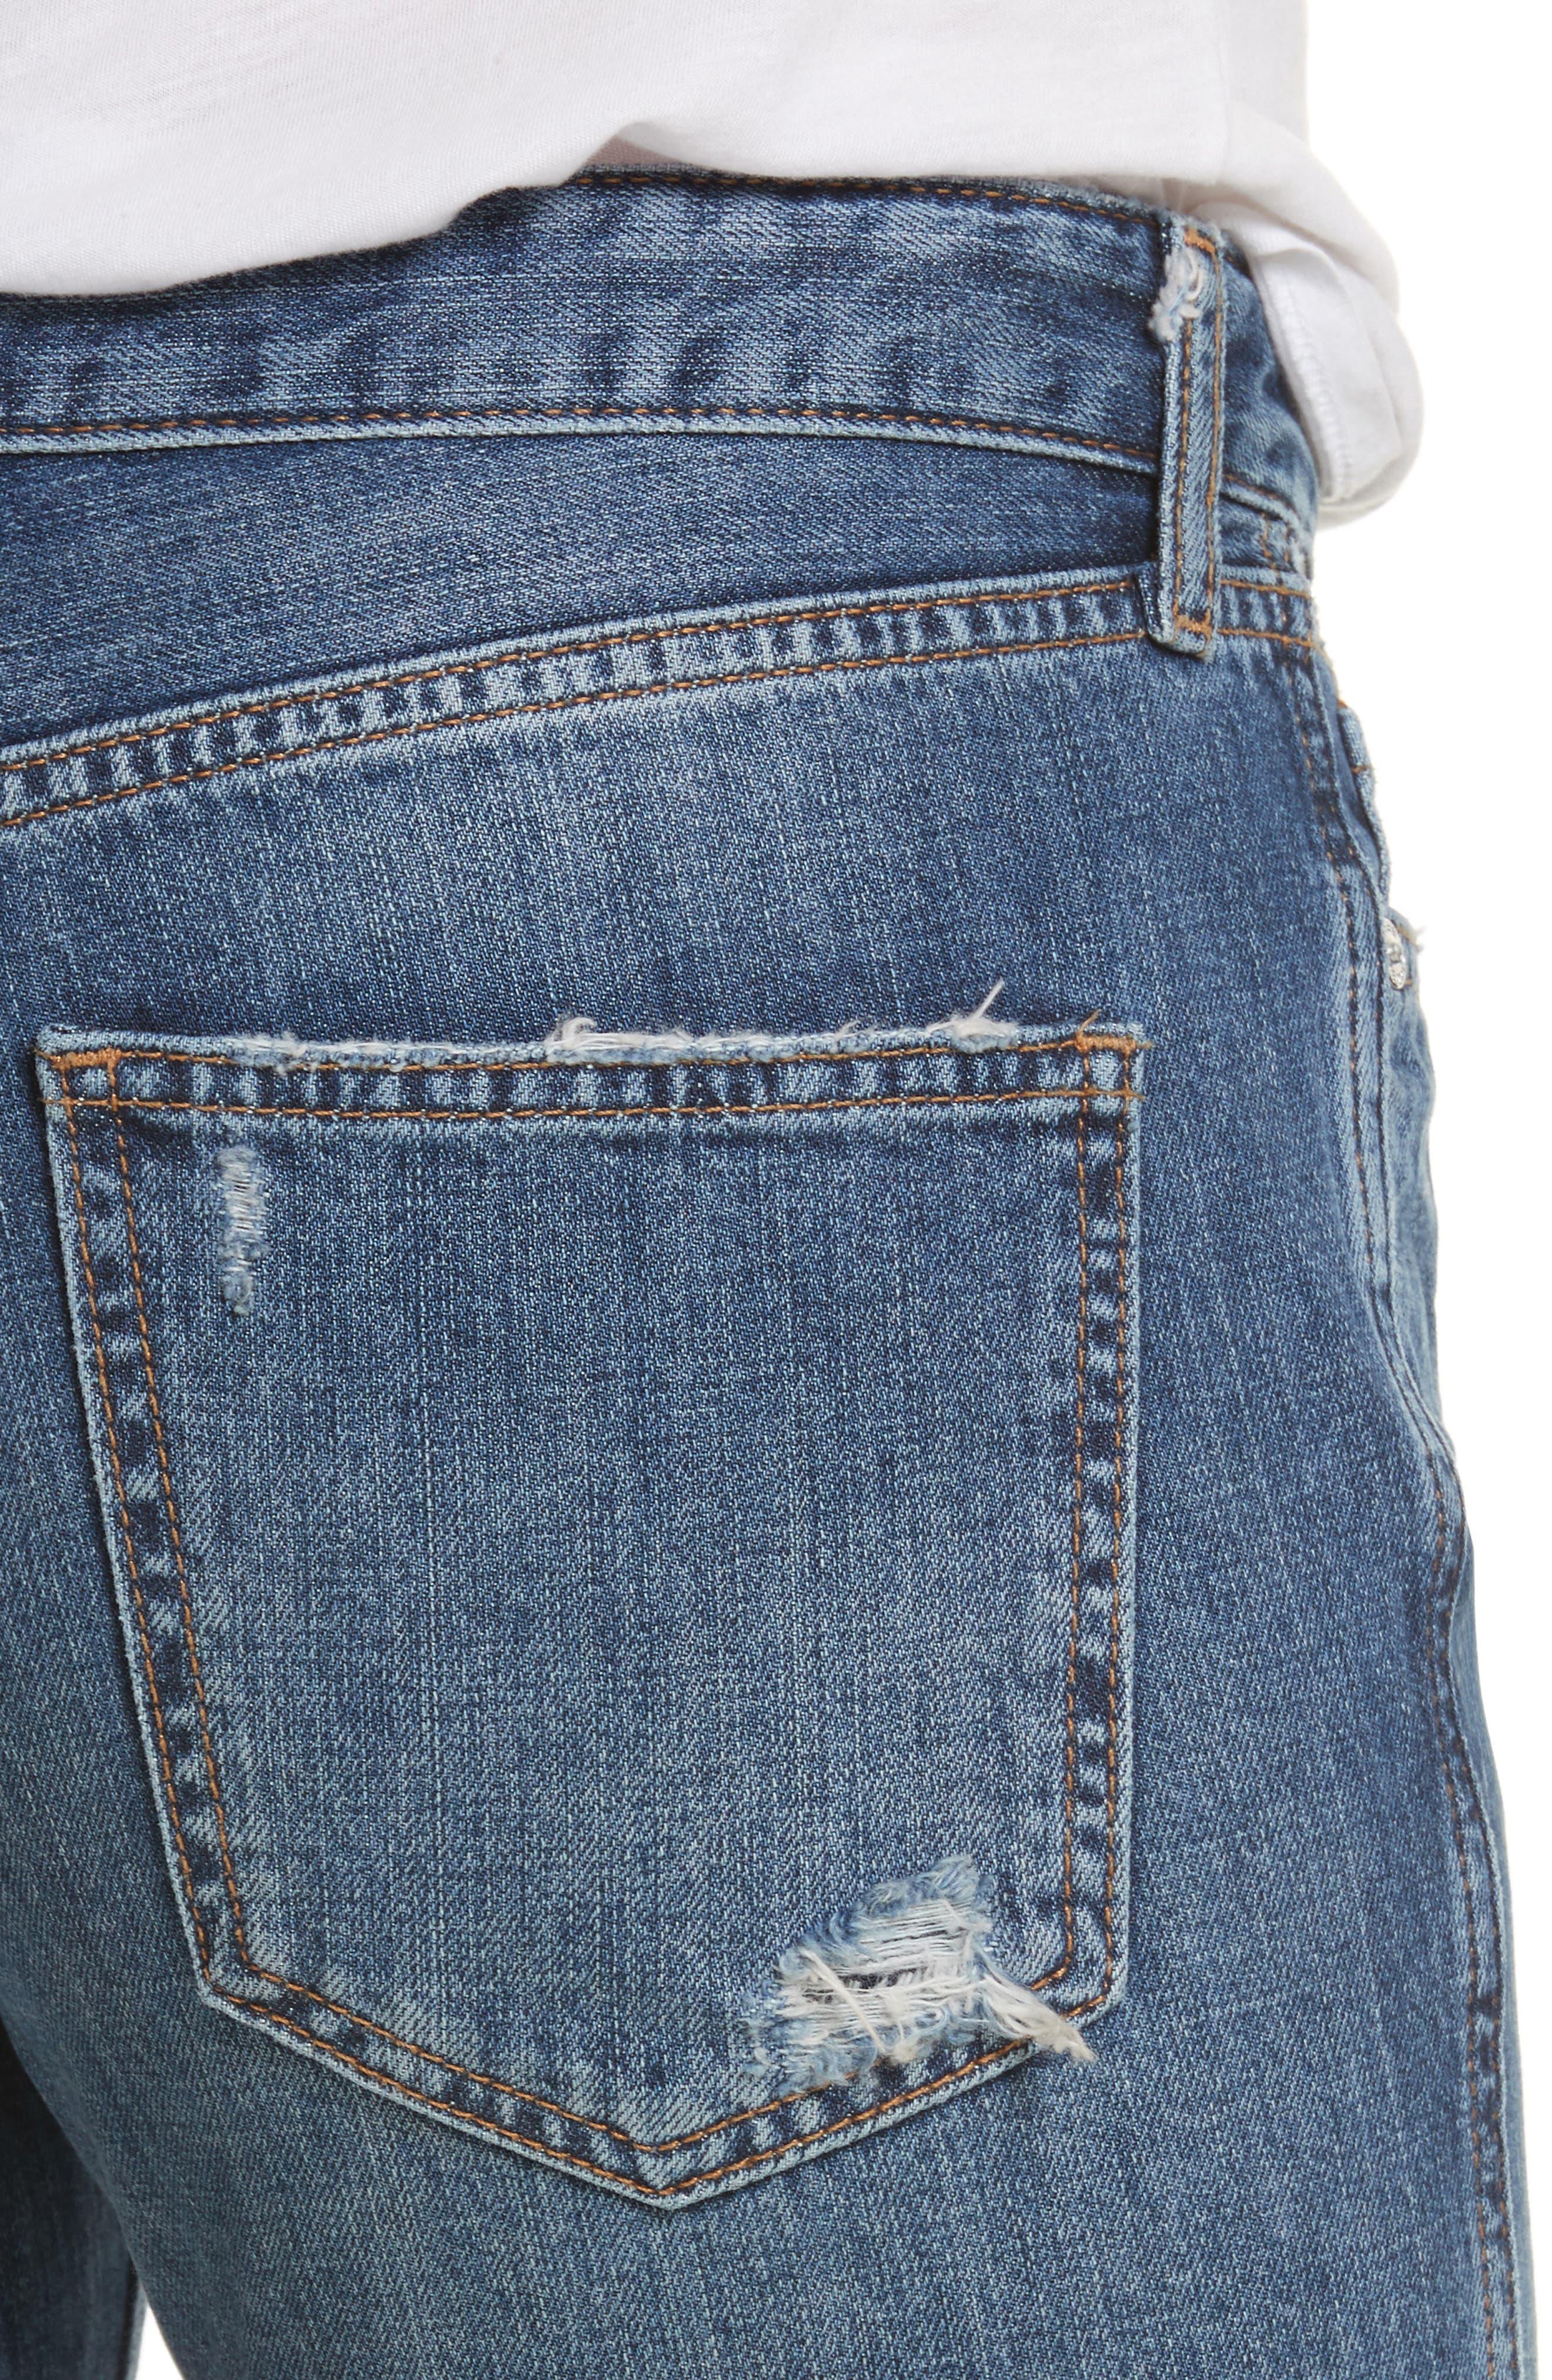 Slim Boyfriend Jeans,                             Alternate thumbnail 4, color,                             400